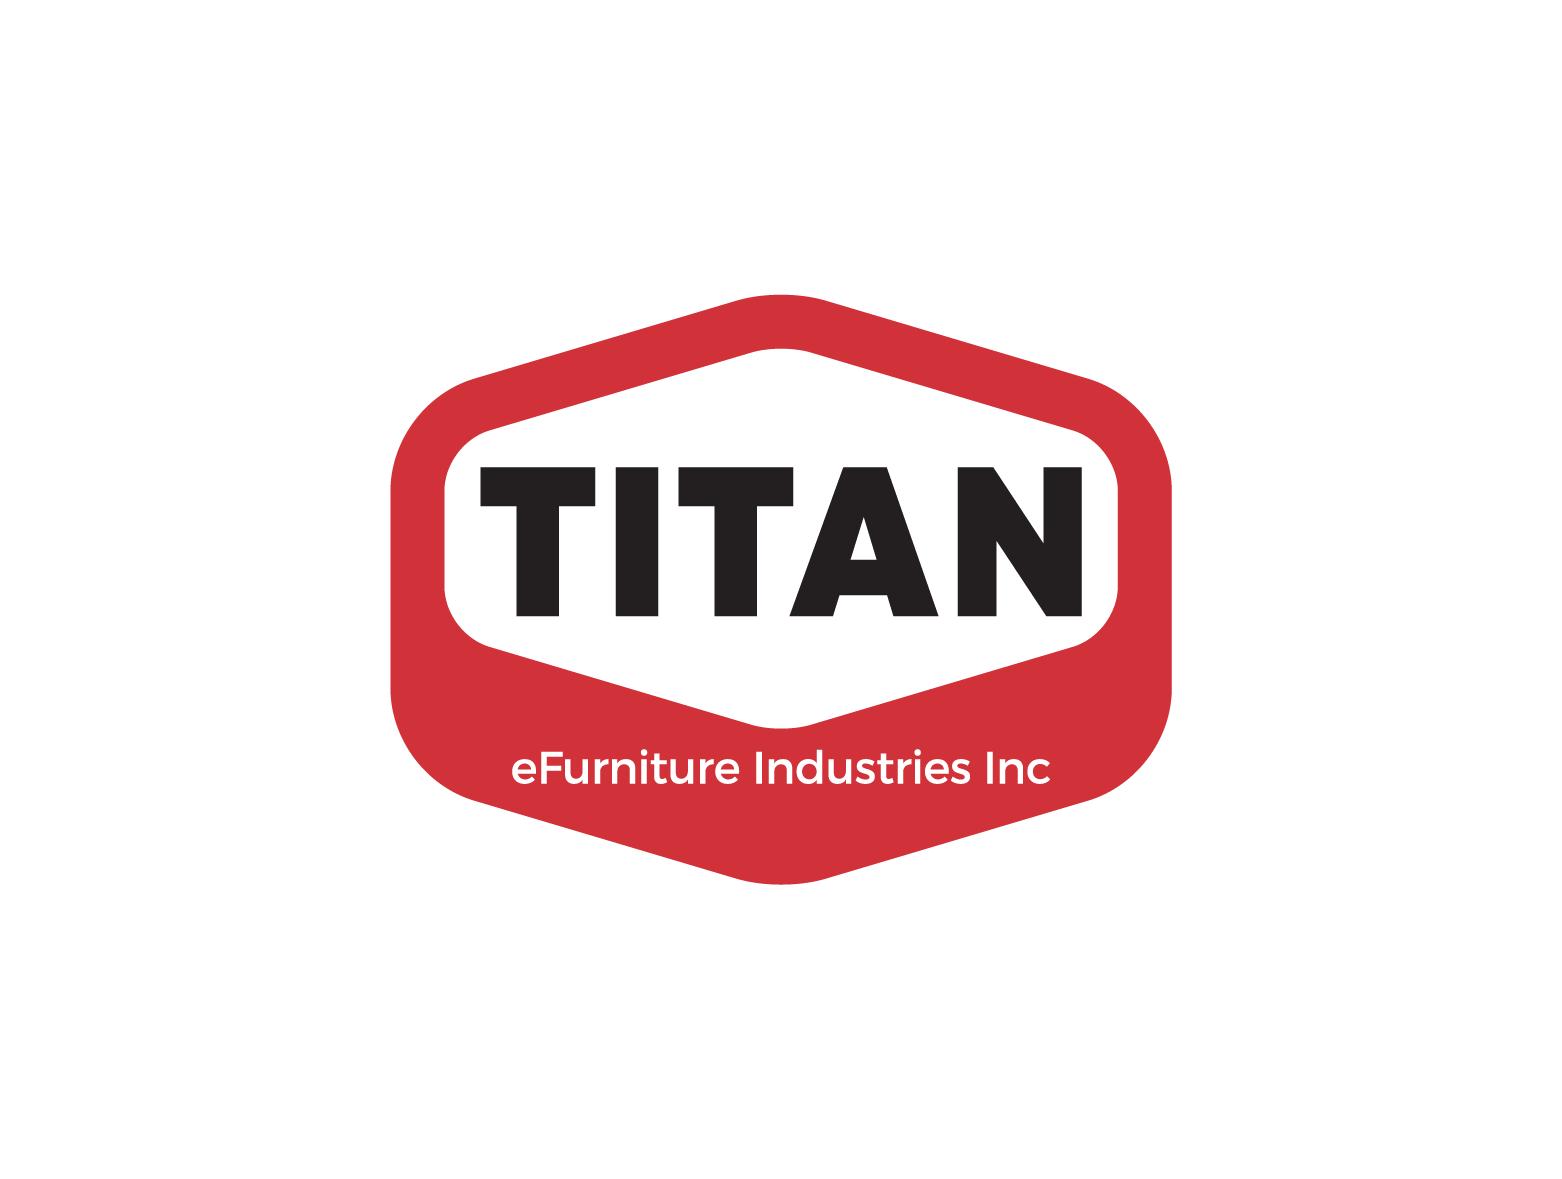 Logo_Titan_eFurniture.png